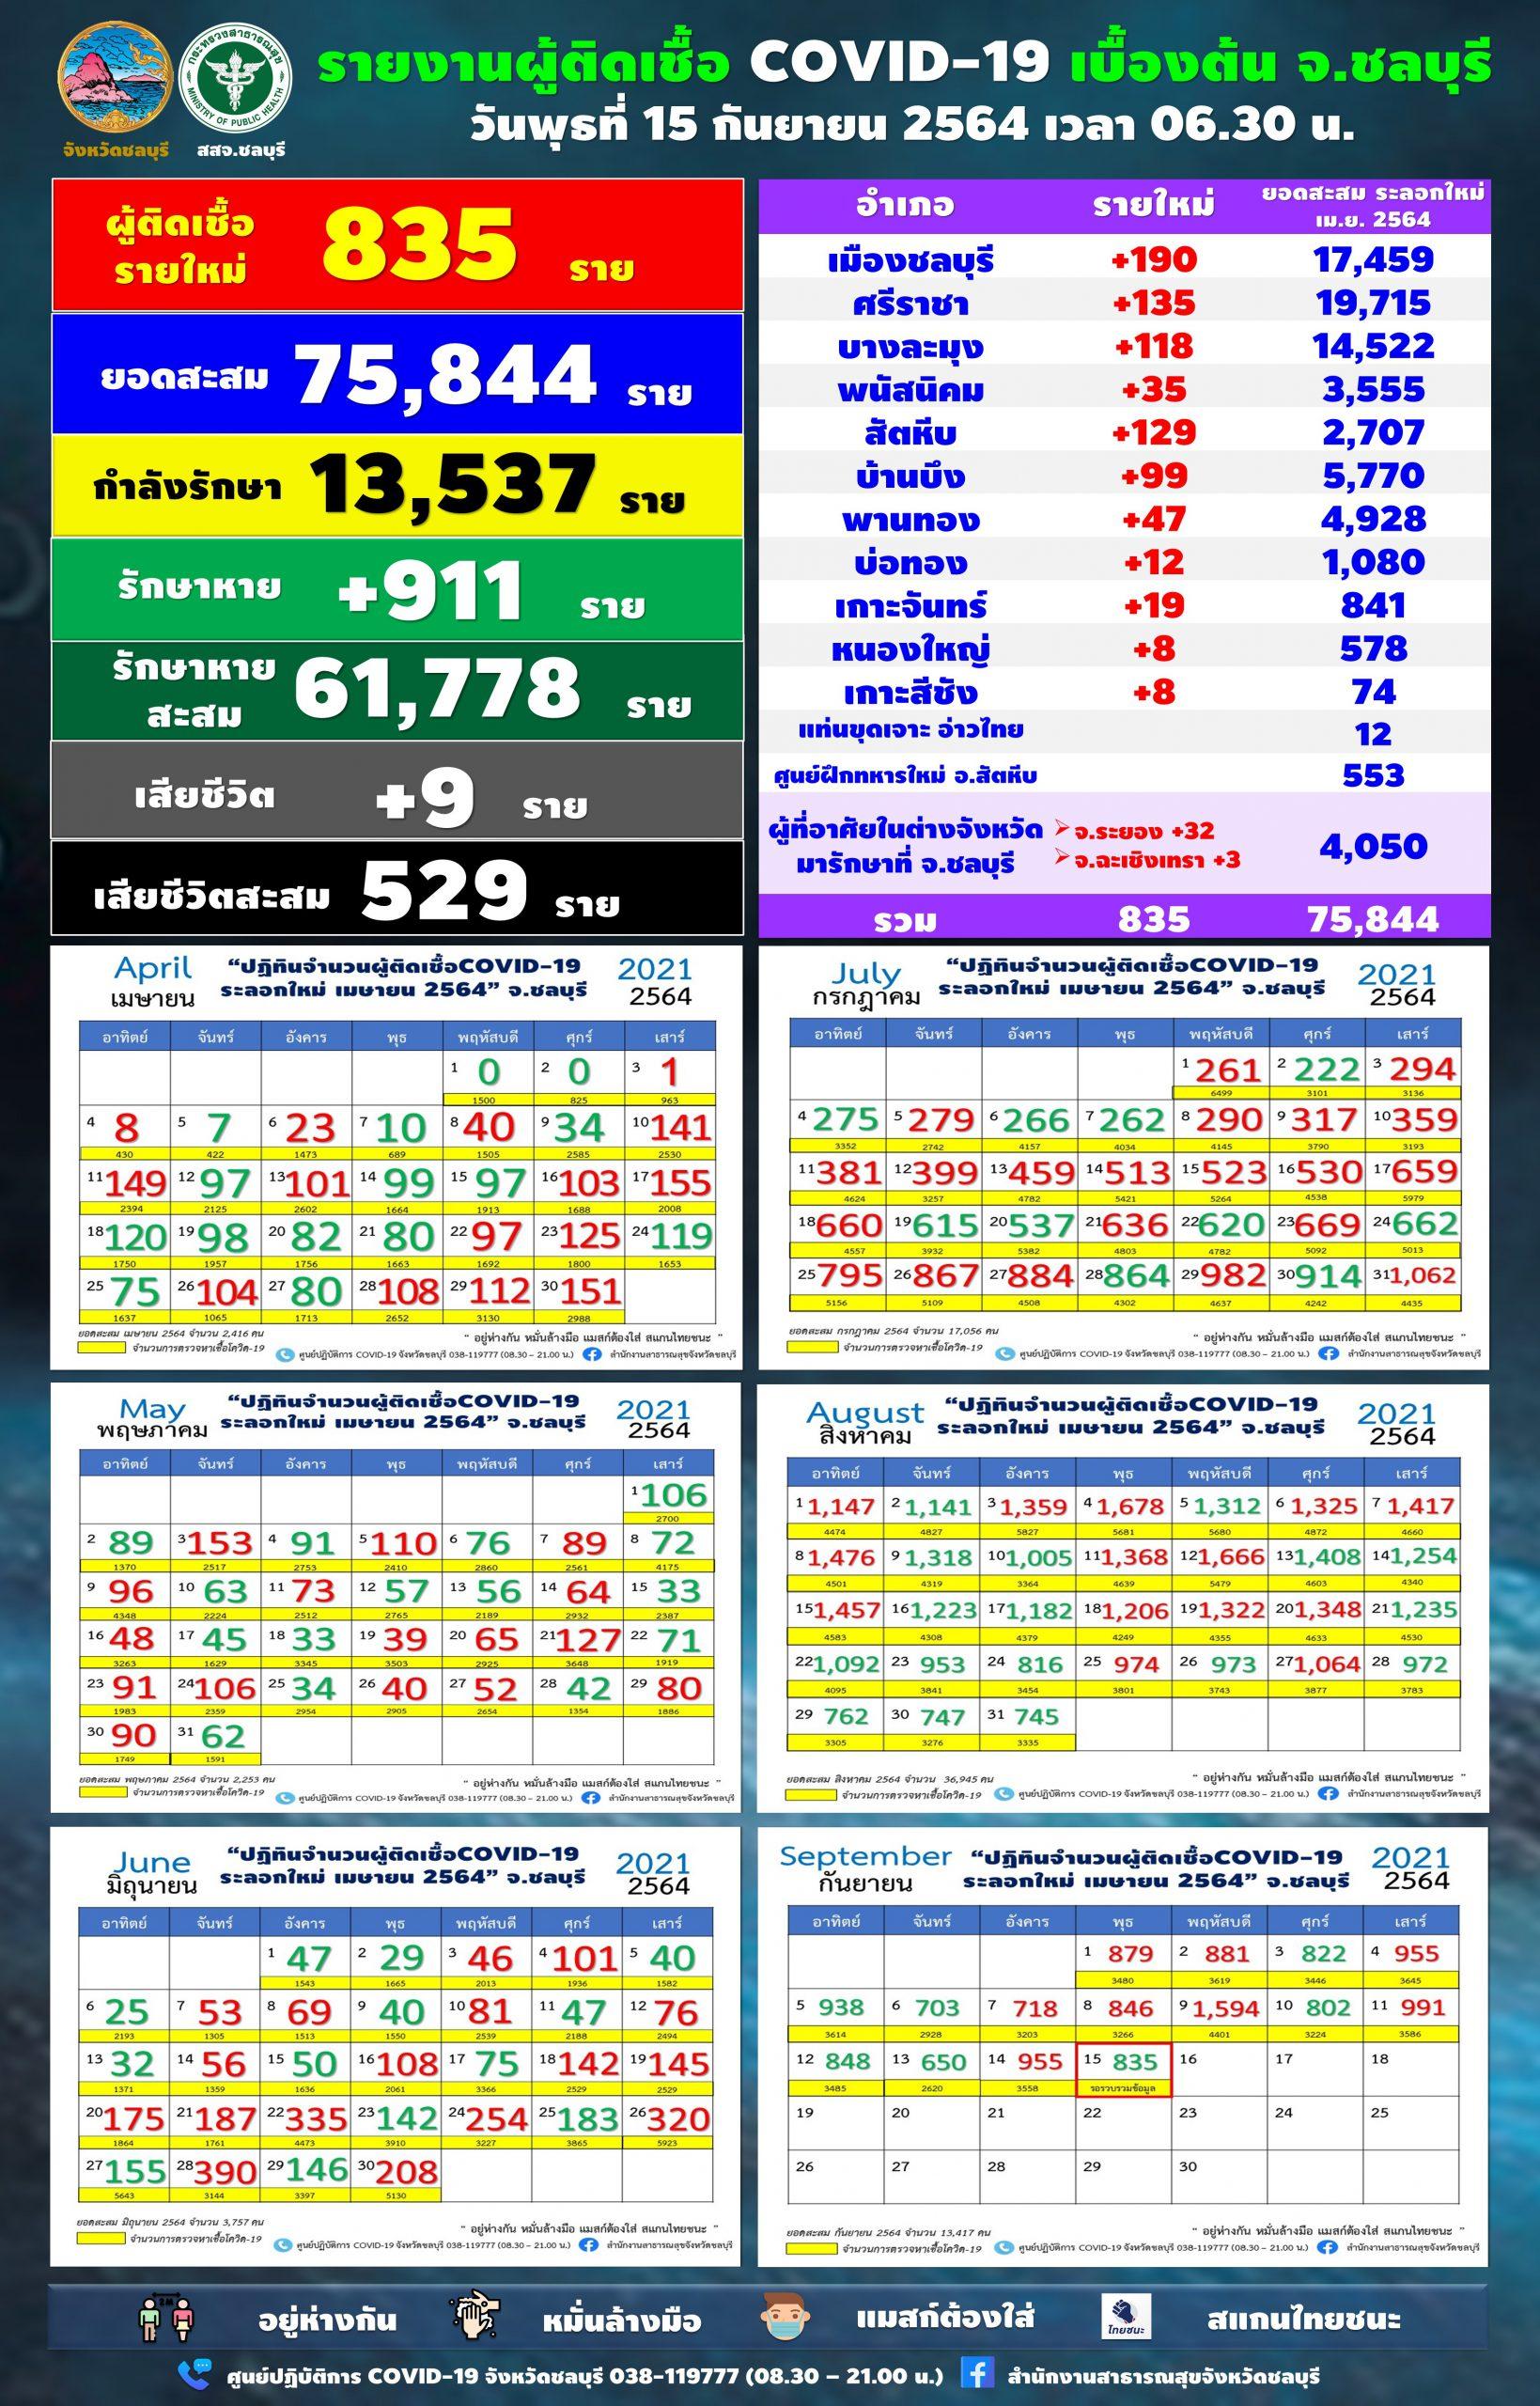 ชลบุรี-โควิด วันนี้ 15 ก.ย.64 เสียชีวิต 9 ราย พบผู้ติดเชื้อรายใหม่ 835 ราย จาก